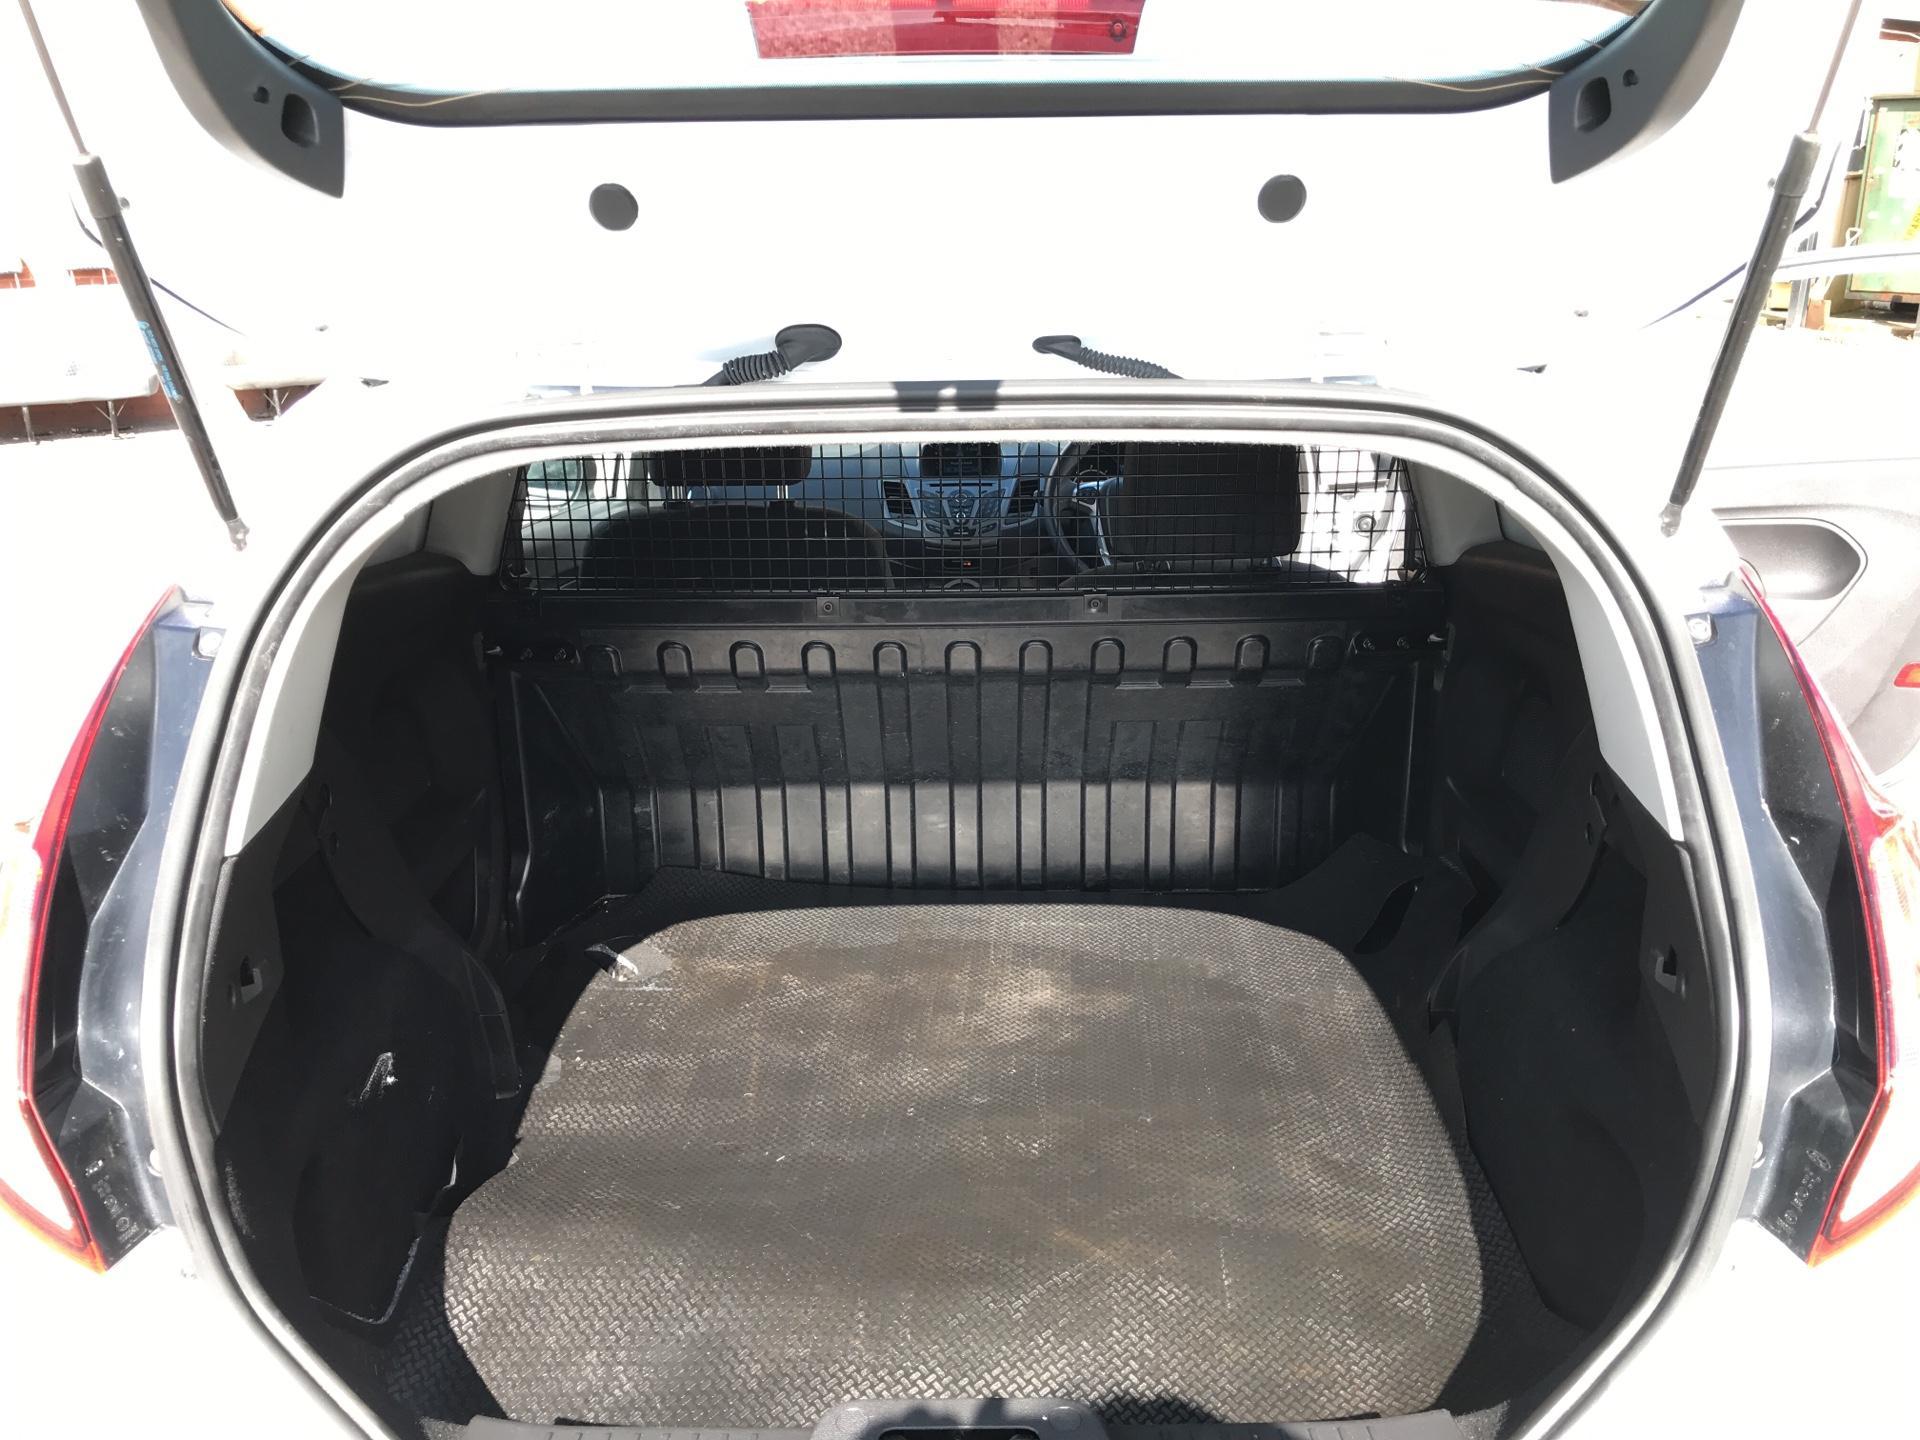 2016 Ford Fiesta 1.5 Tdci Van EURO 5 (FN16UVR) Image 8